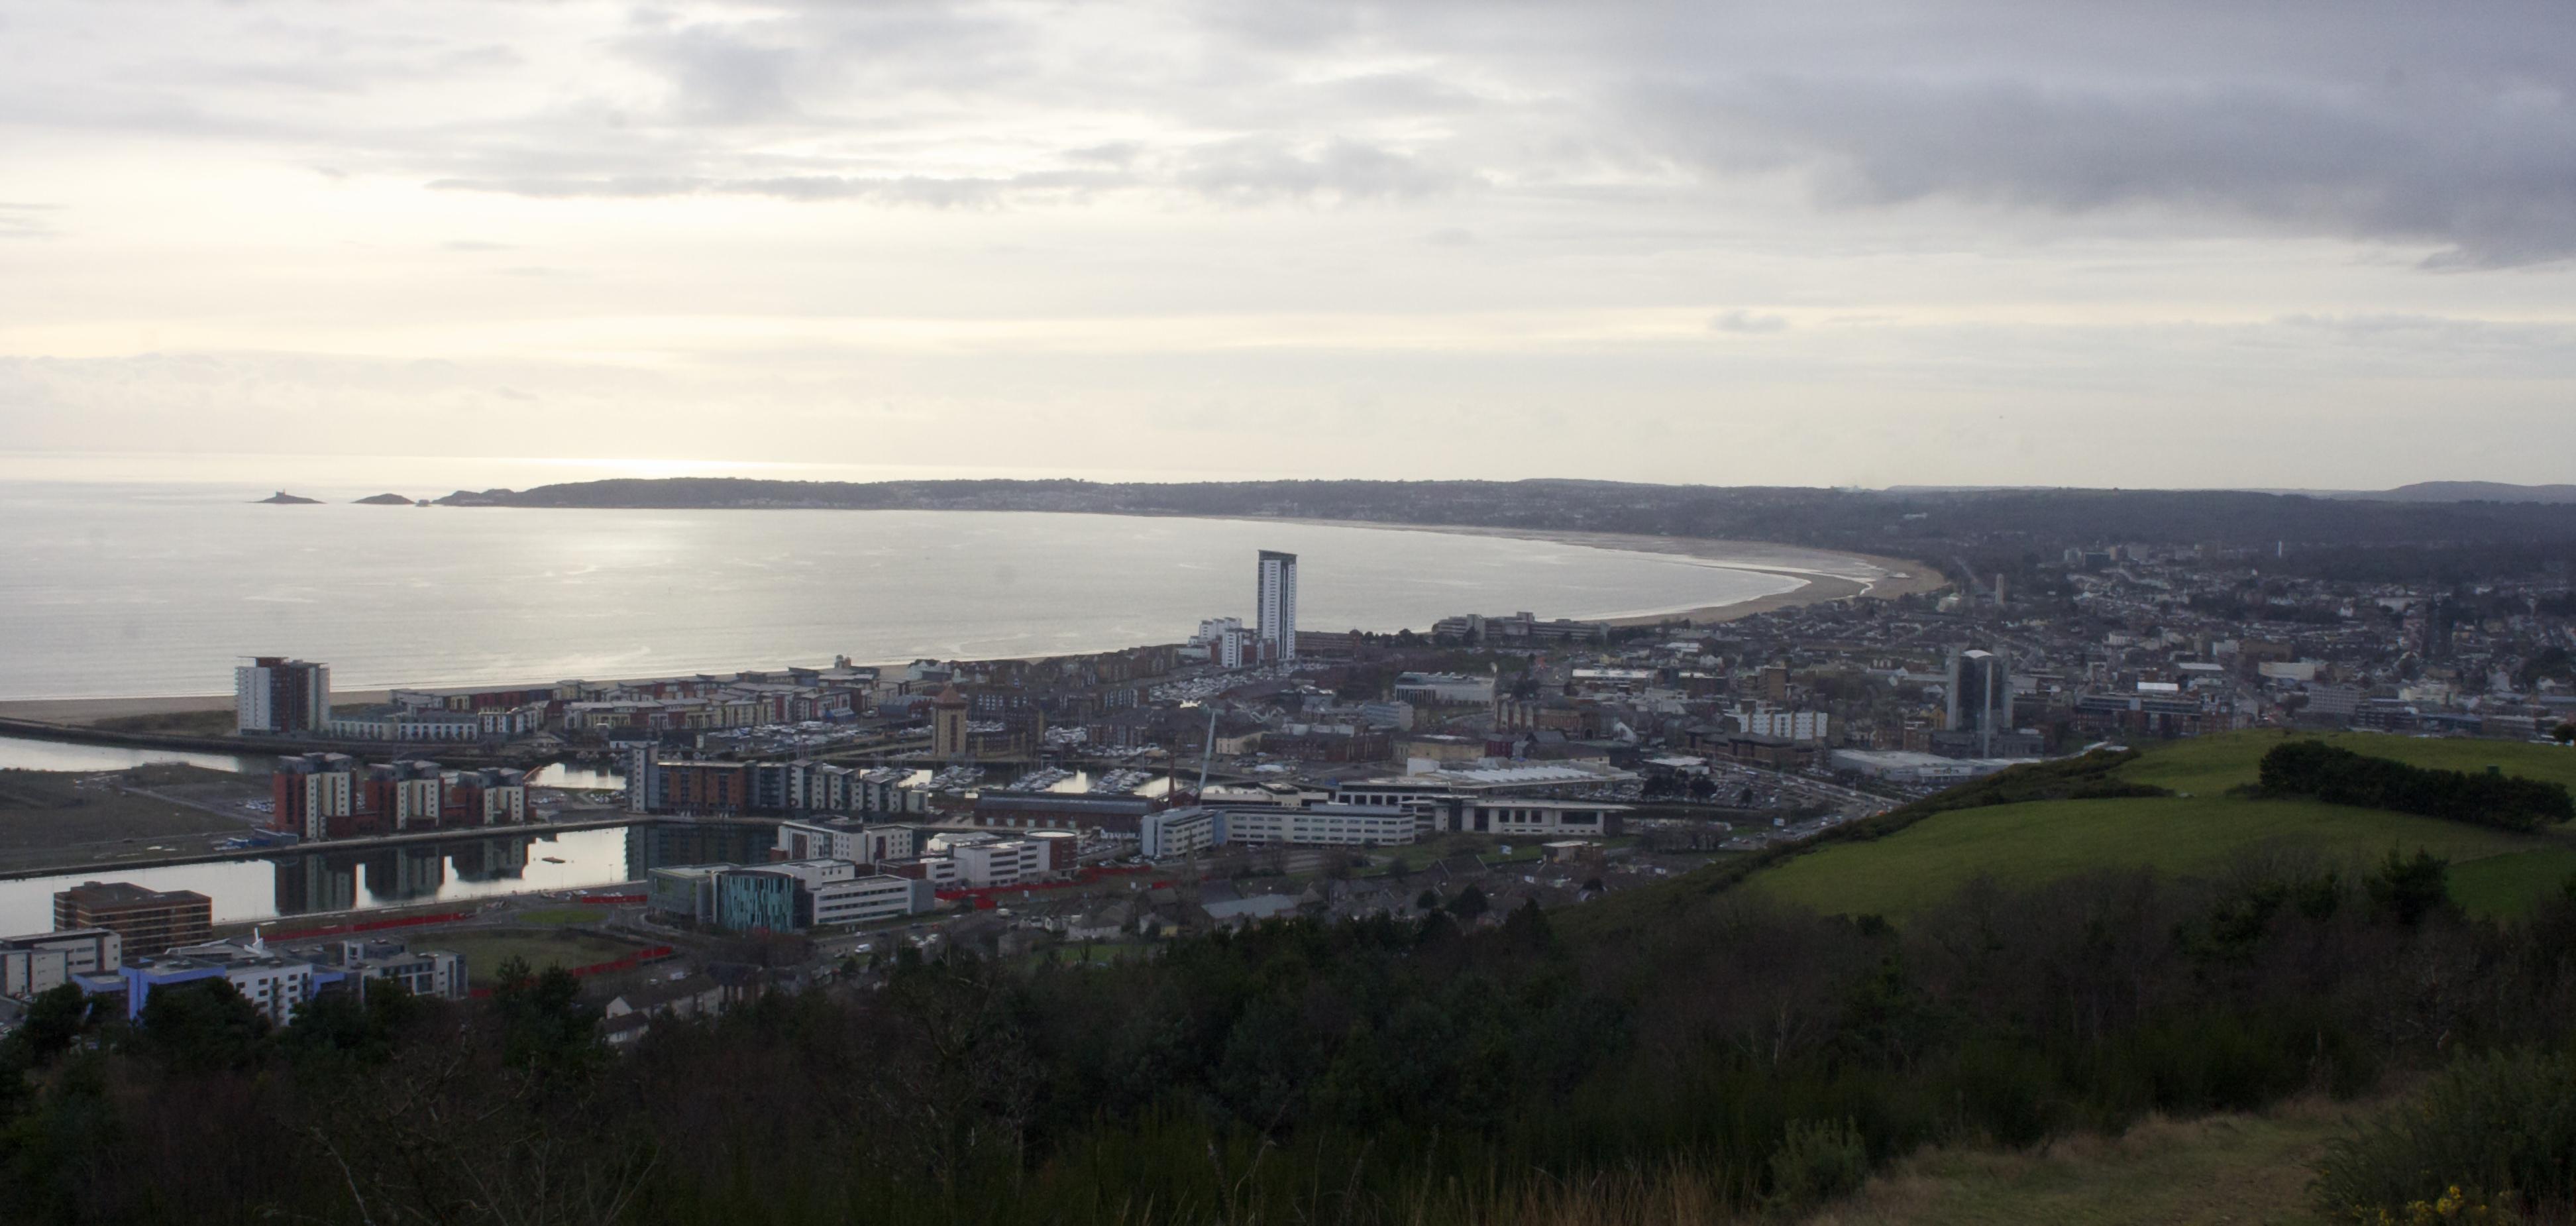 https://upload.wikimedia.org/wikipedia/commons/7/74/Swansea_from_Kilvey_Hill.jpg